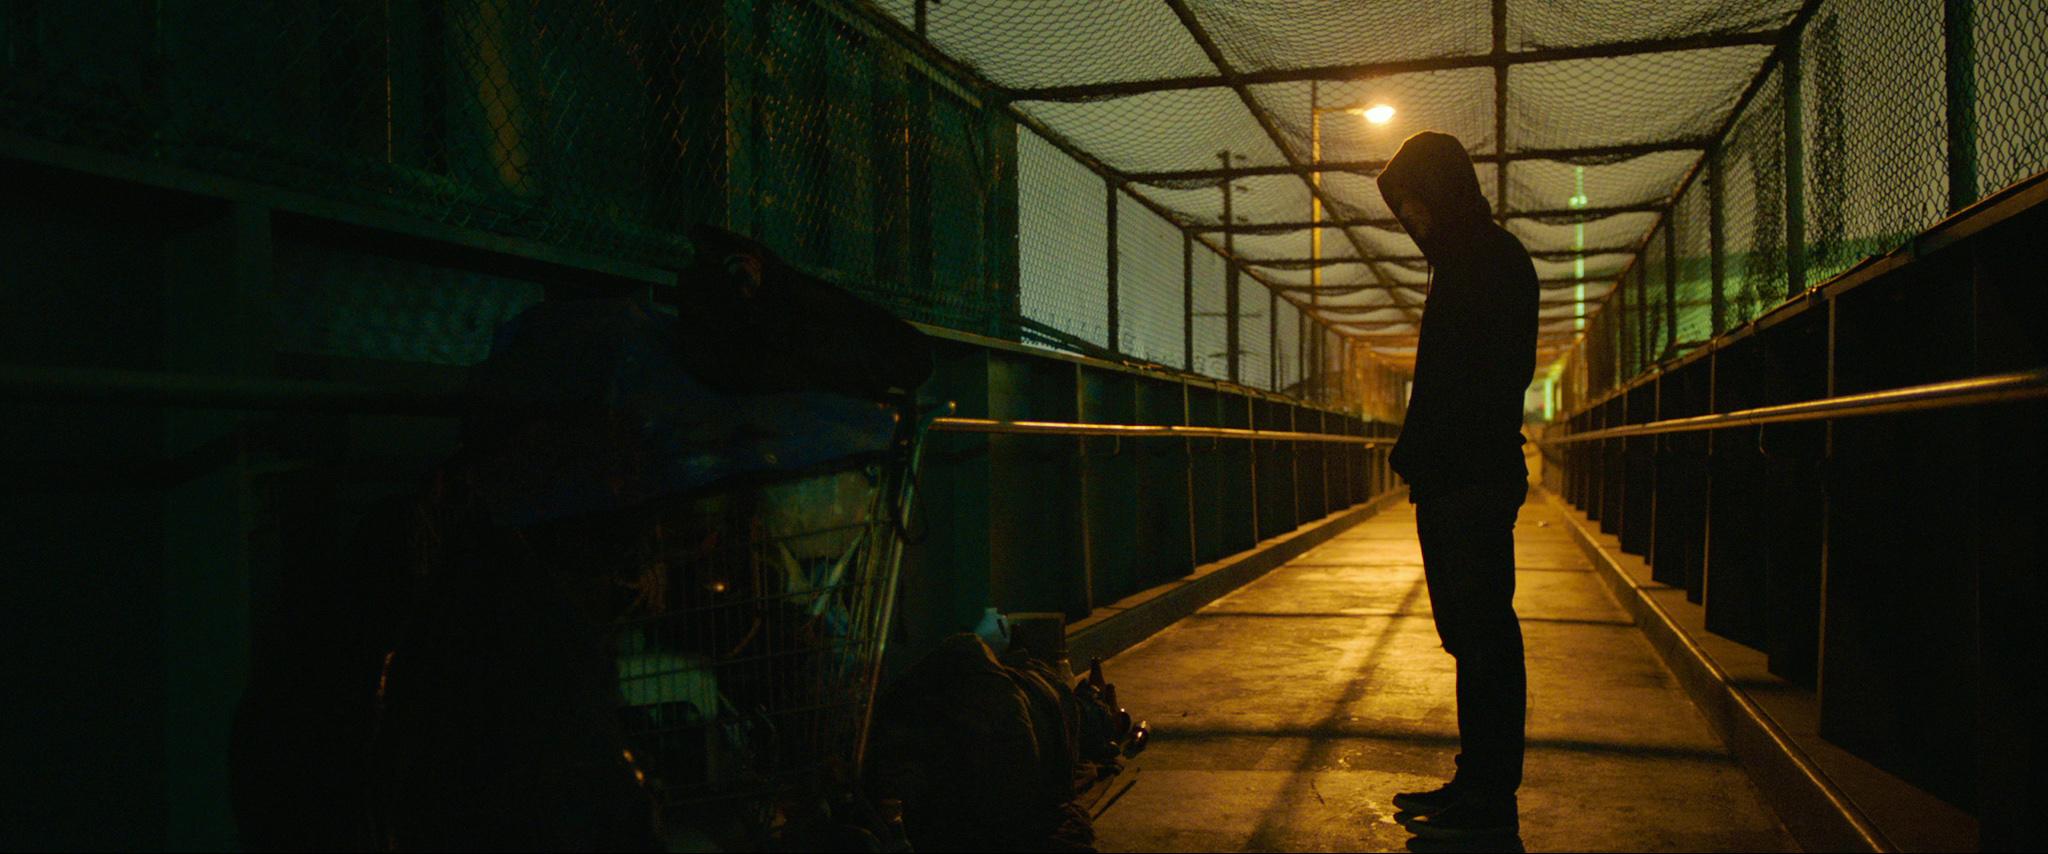 TILT_FilmFrames_Homeless01.jpg